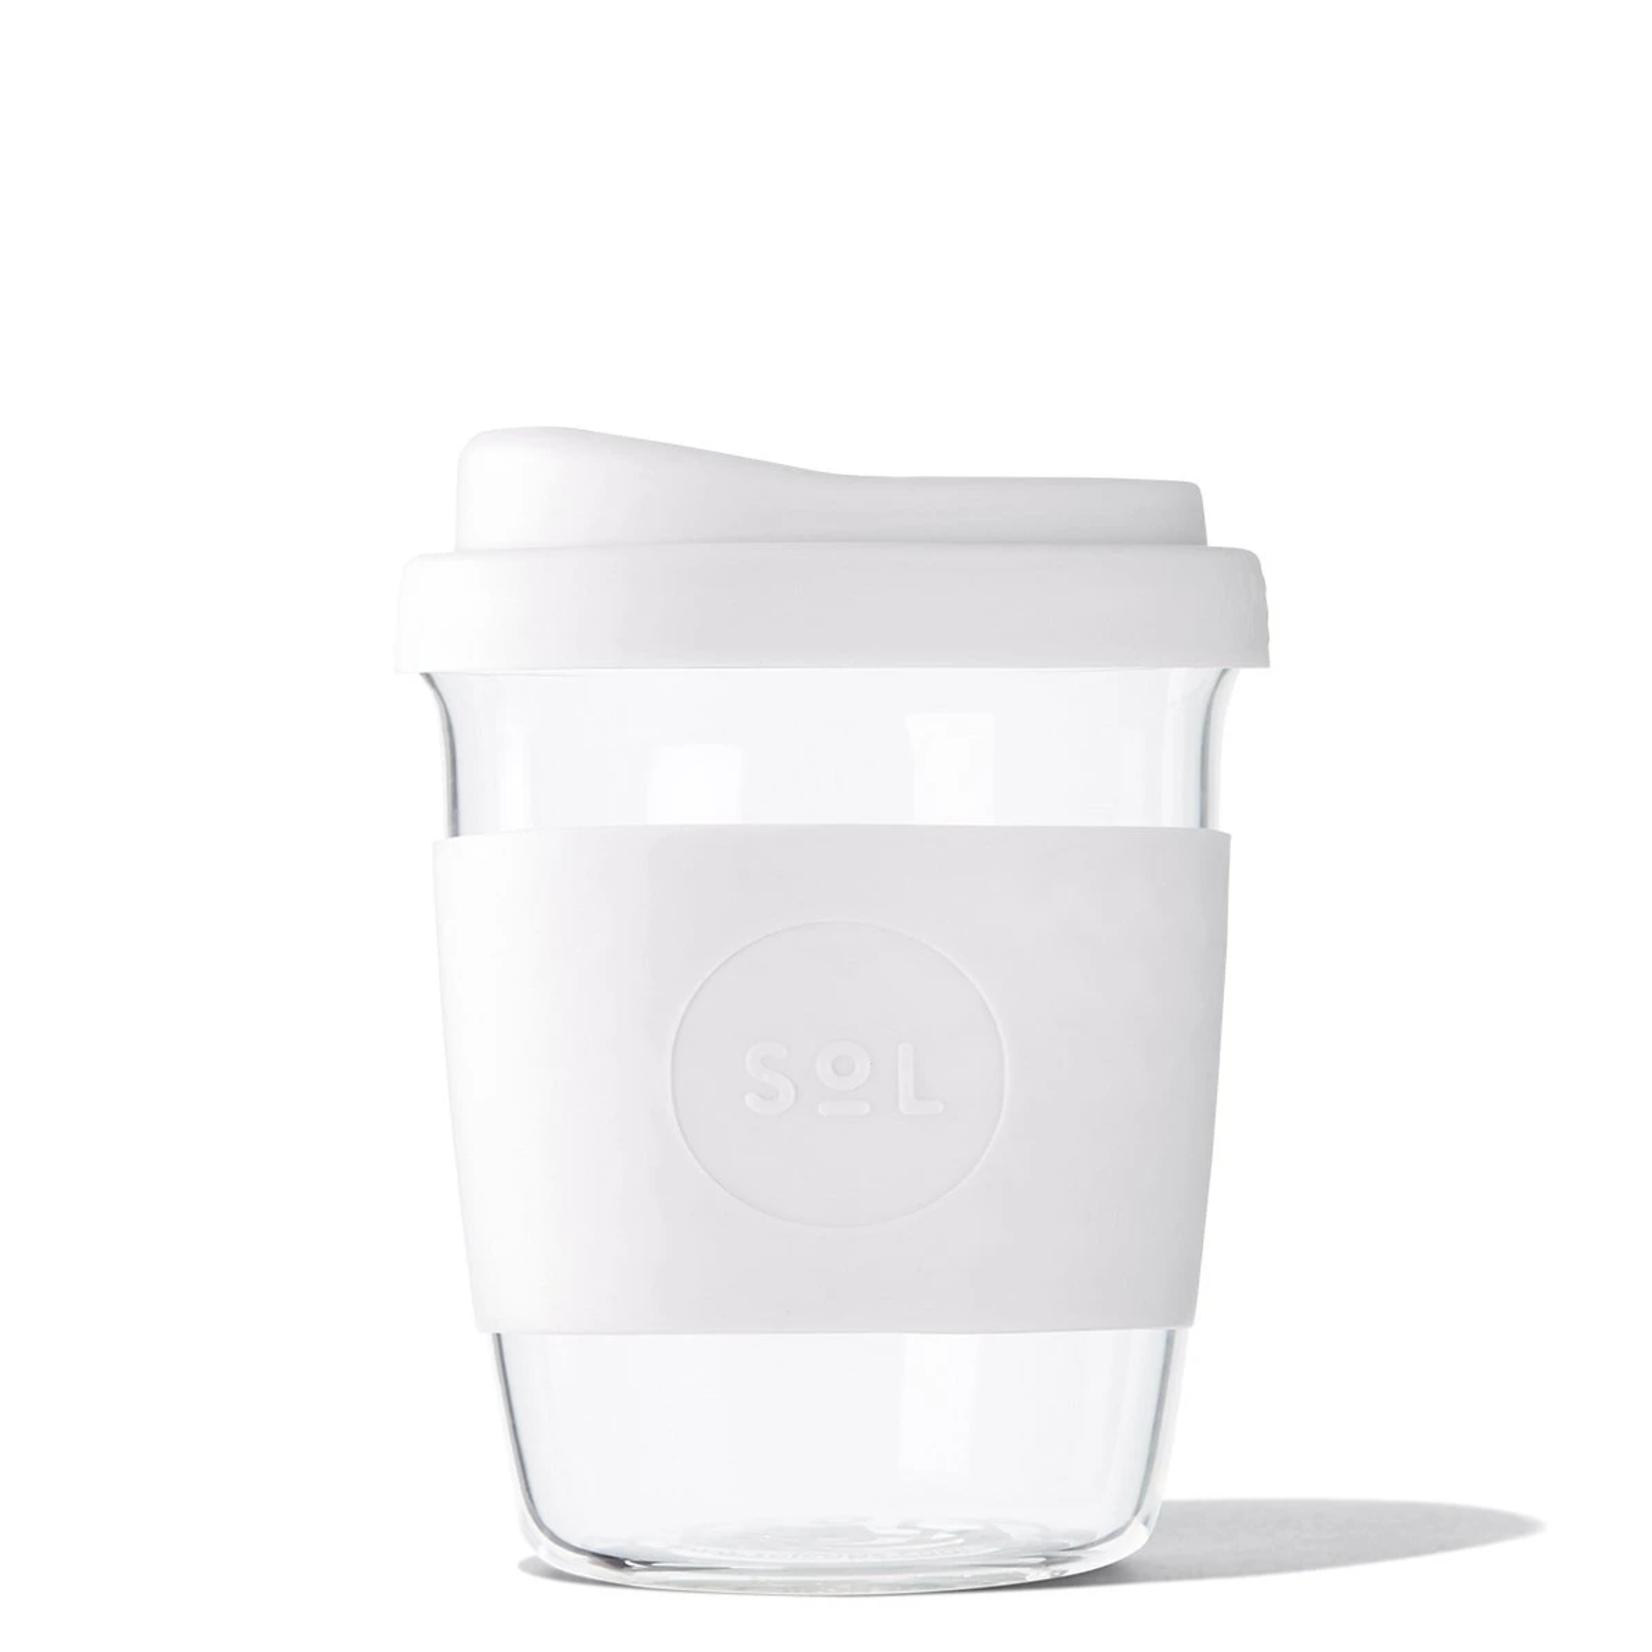 SOL Sol Reusable Glass Cup 8OZ